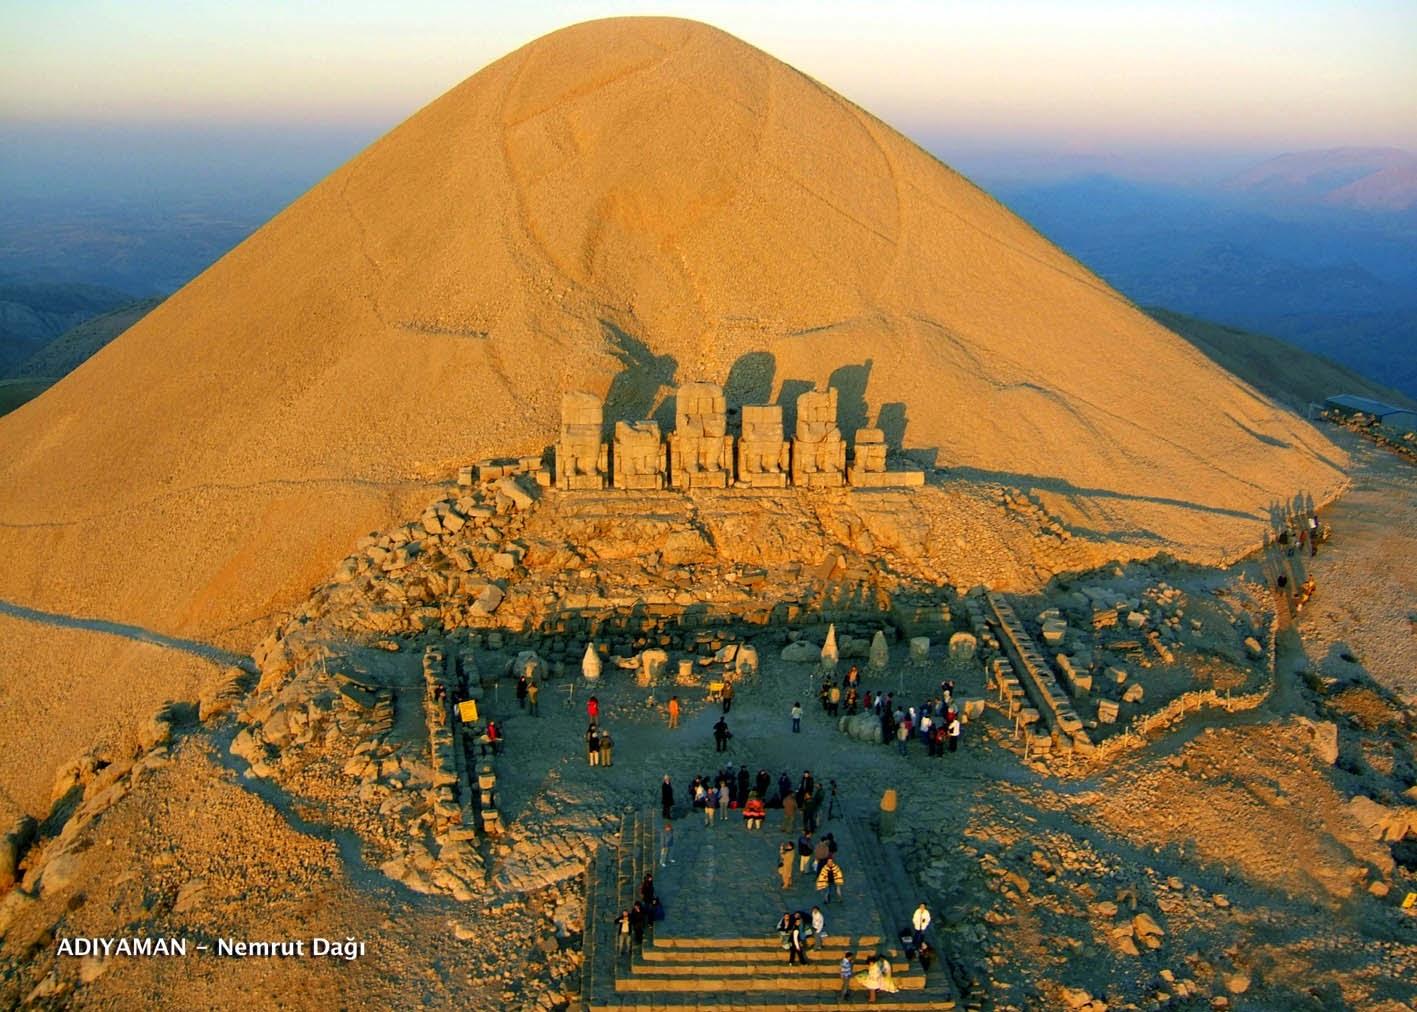 Nemrut Dağı Adıyaman Tatil Rehberi